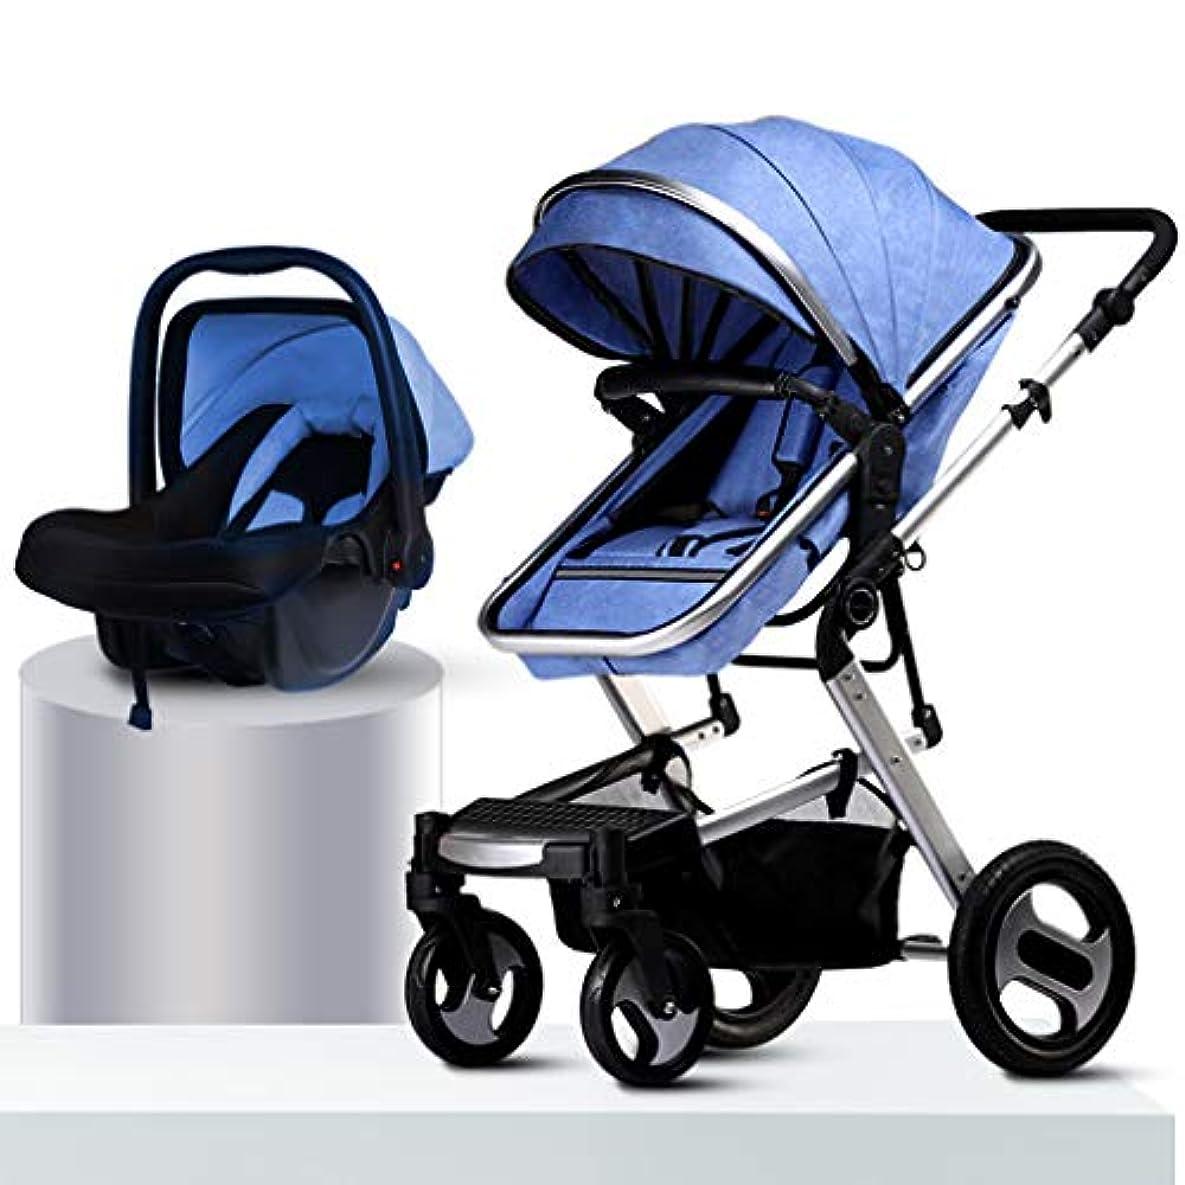 ひねくれた剥離窒息させる幼児カーシート、ベビーカーベビーカー、ベビーカートラベルシステムの高級ベビーストローラーベビーカー、3歳に出産してライドトラベルシステムをスムーズに,ブルー